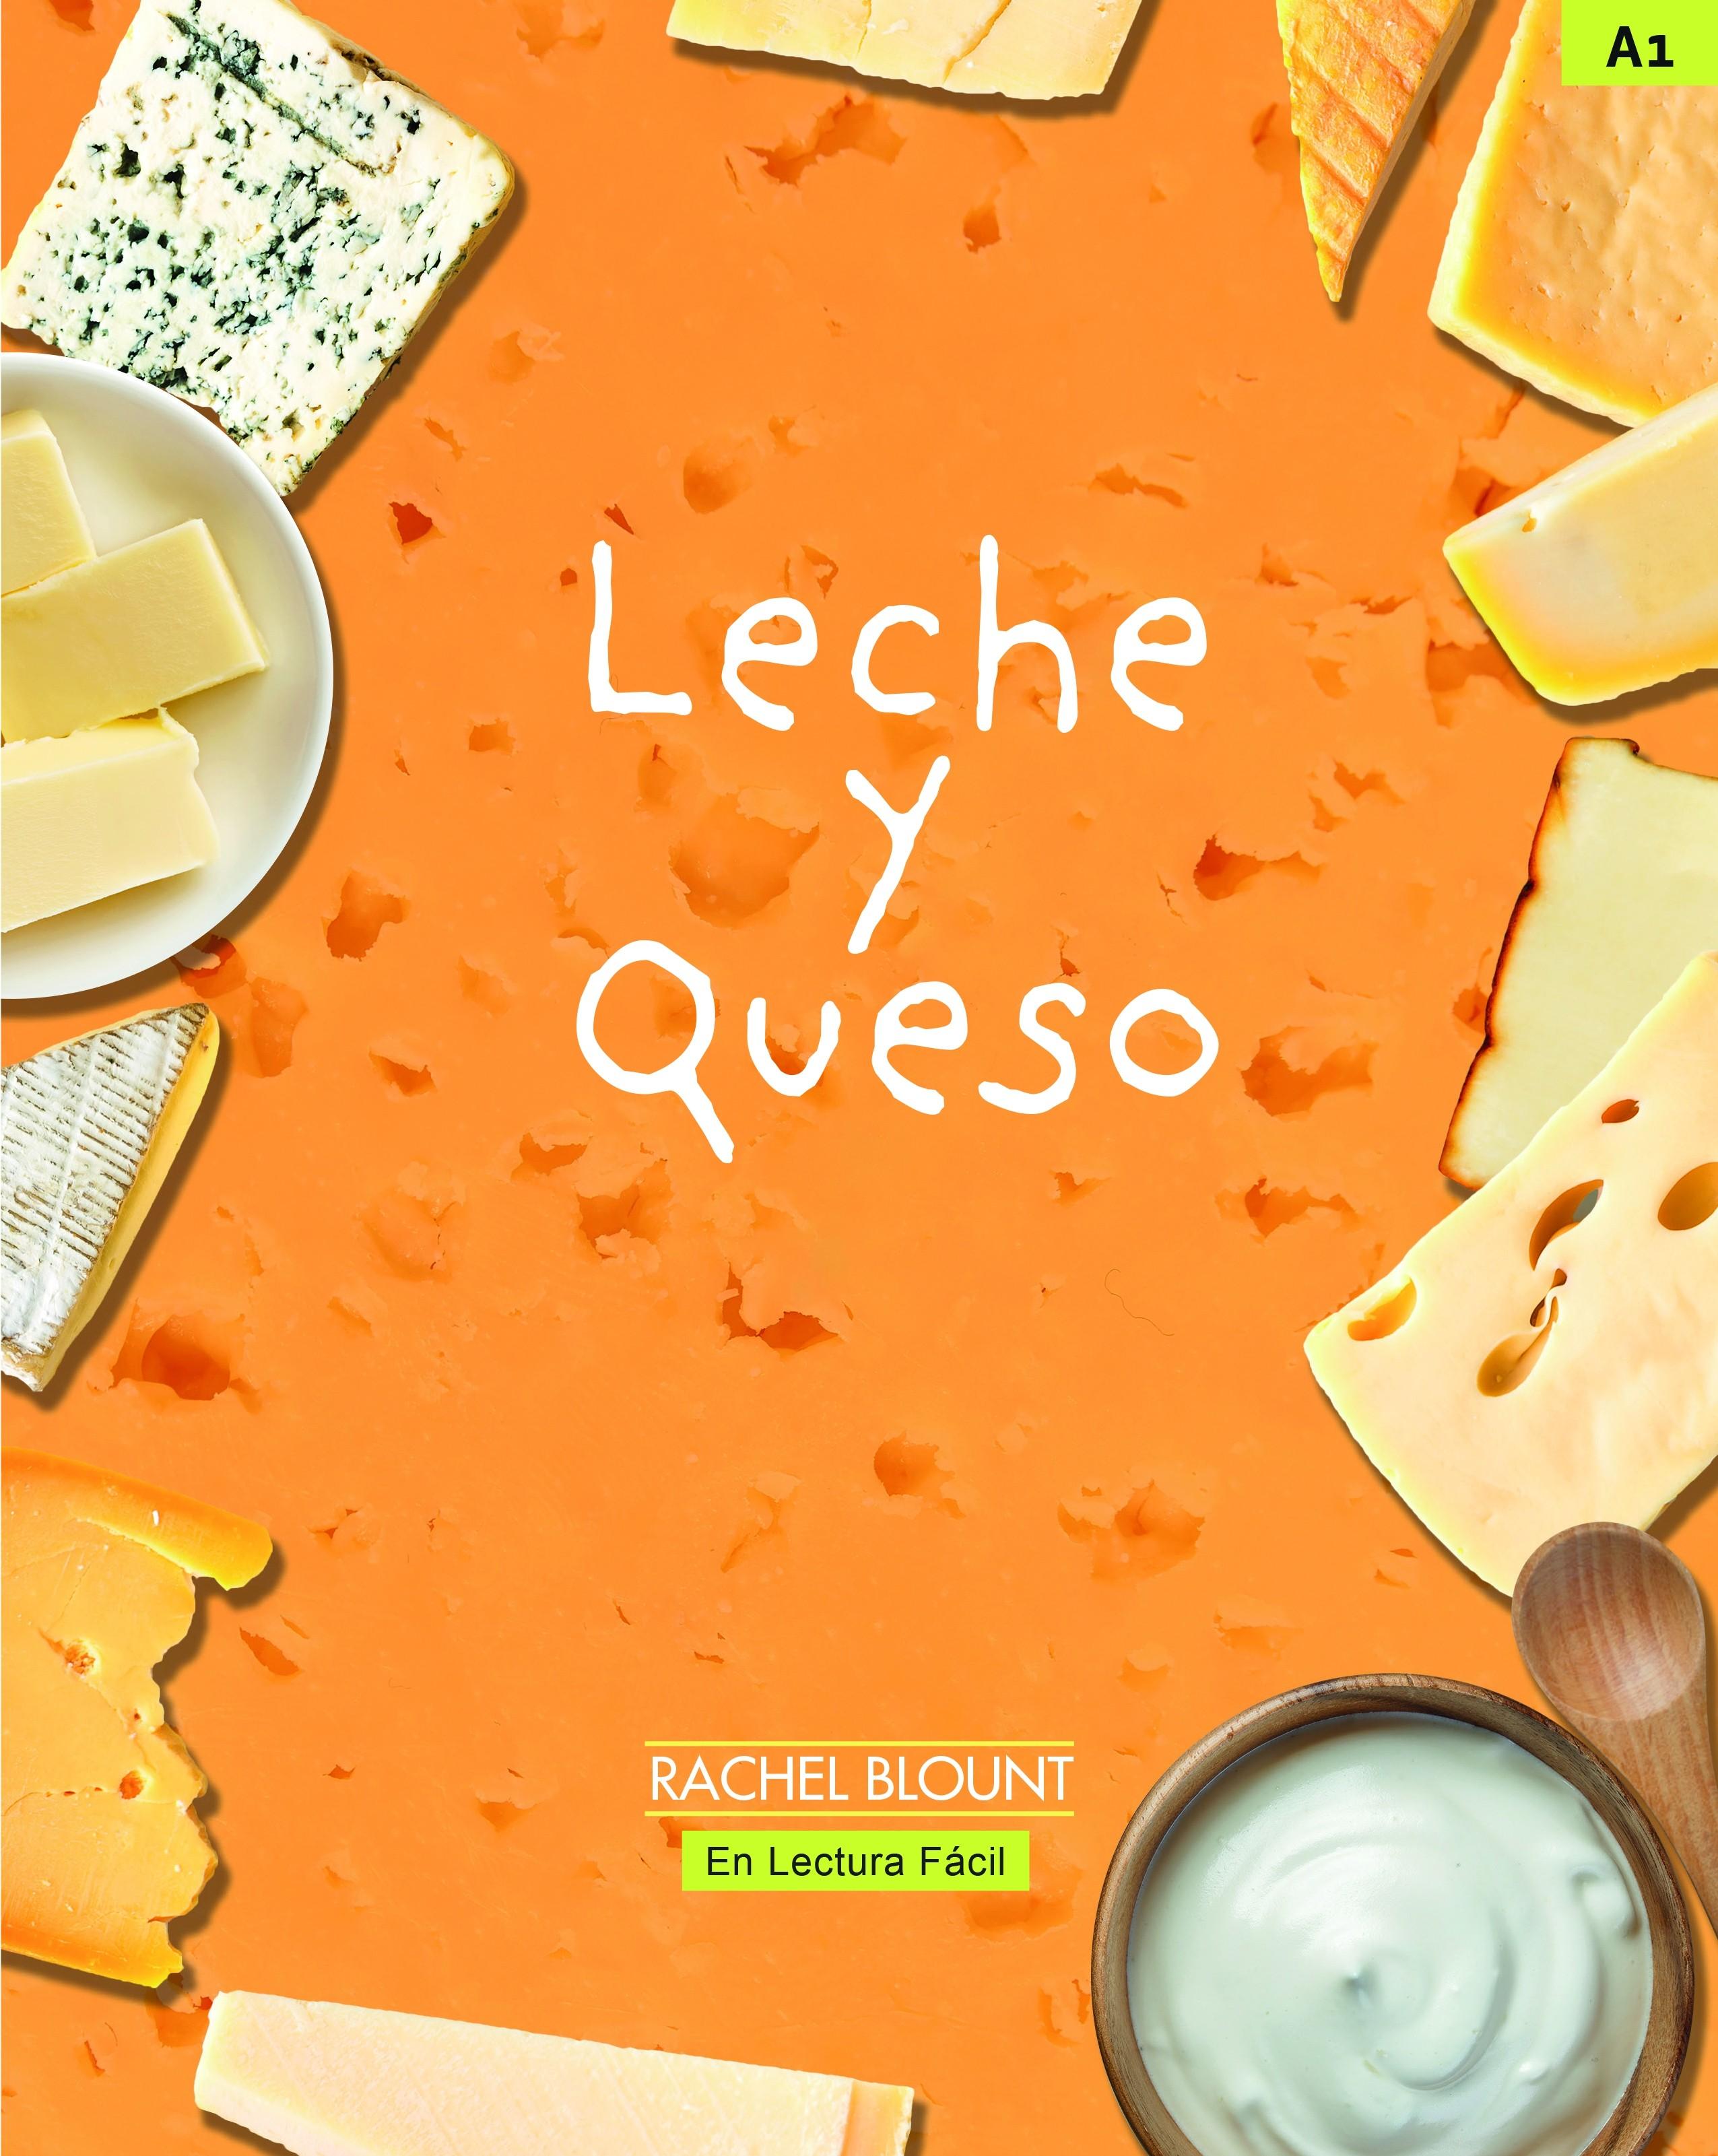 Leche y queso